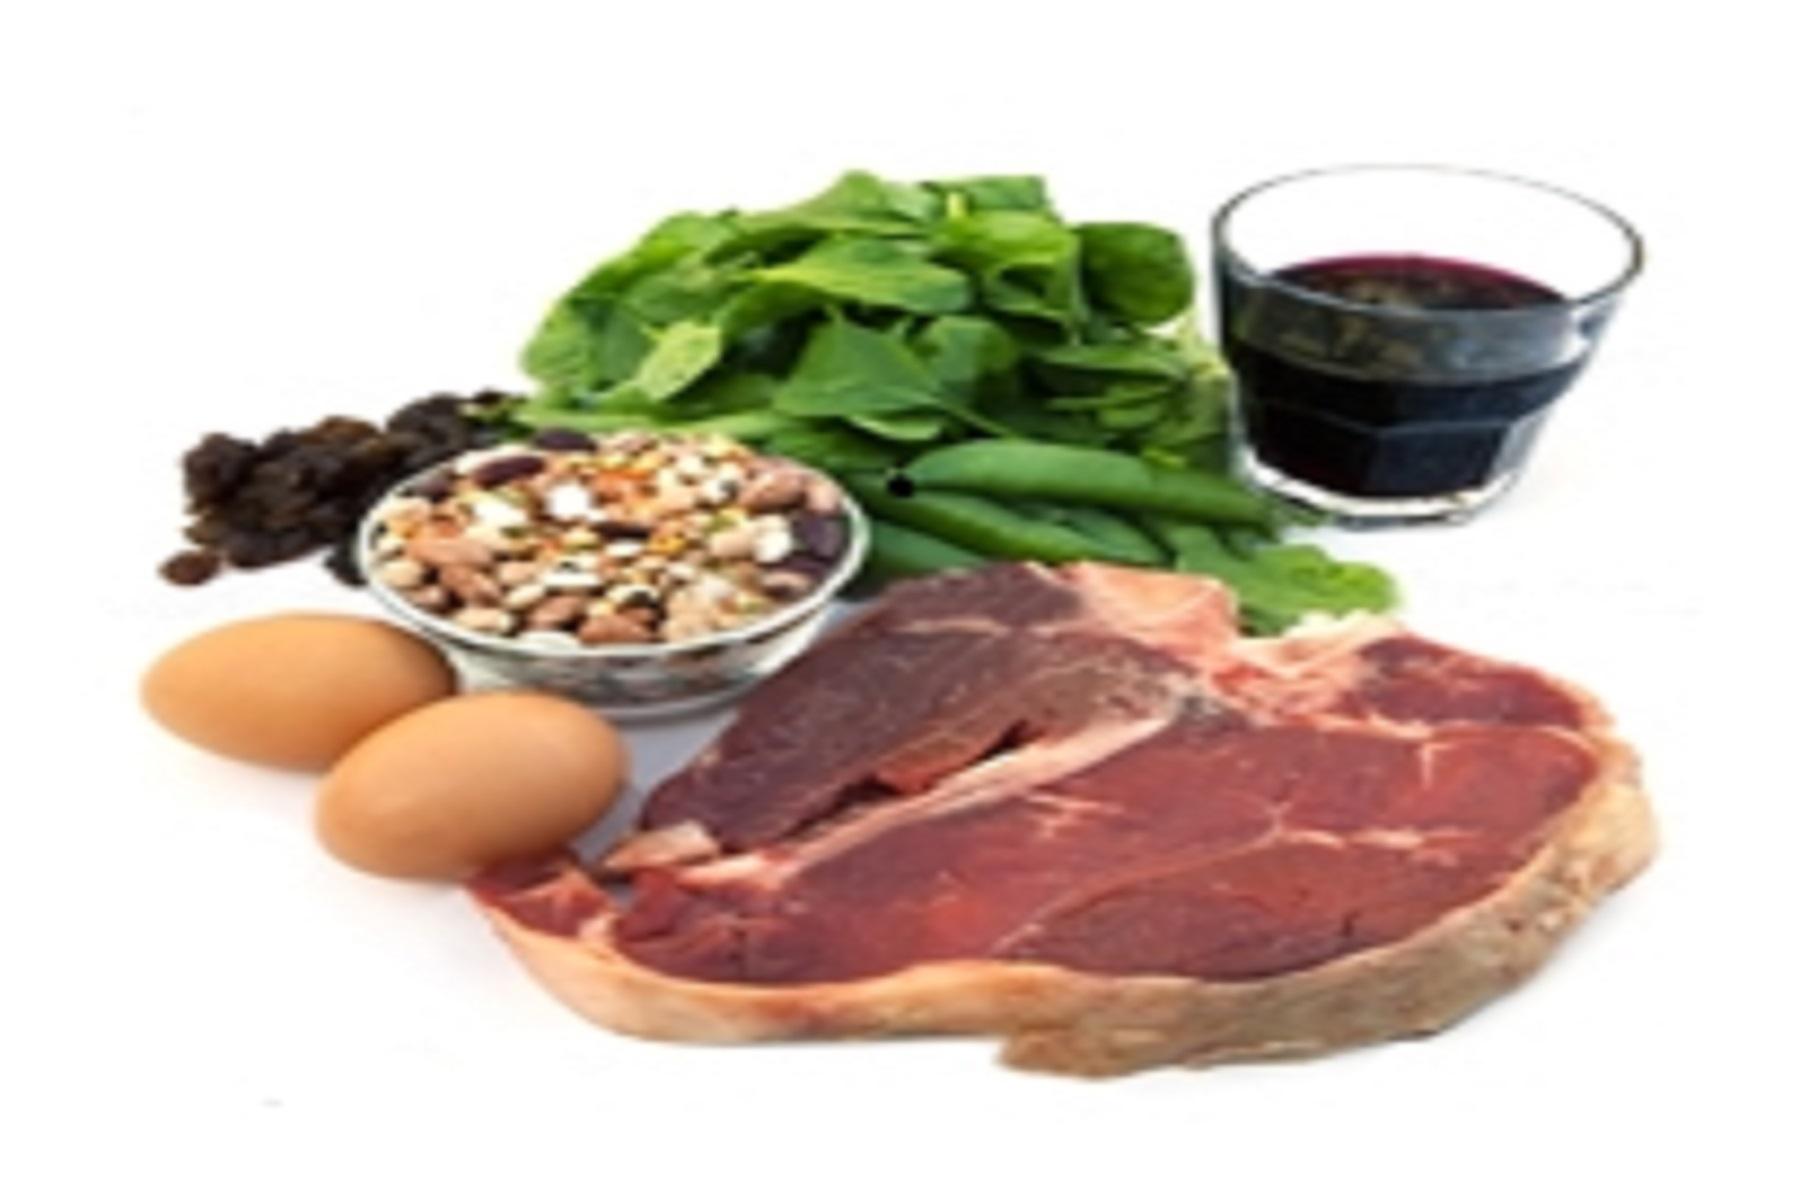 Τροφές Αναιμία: Πώς να ενισχύσετε τον οργανισμό σας με σίδηρο